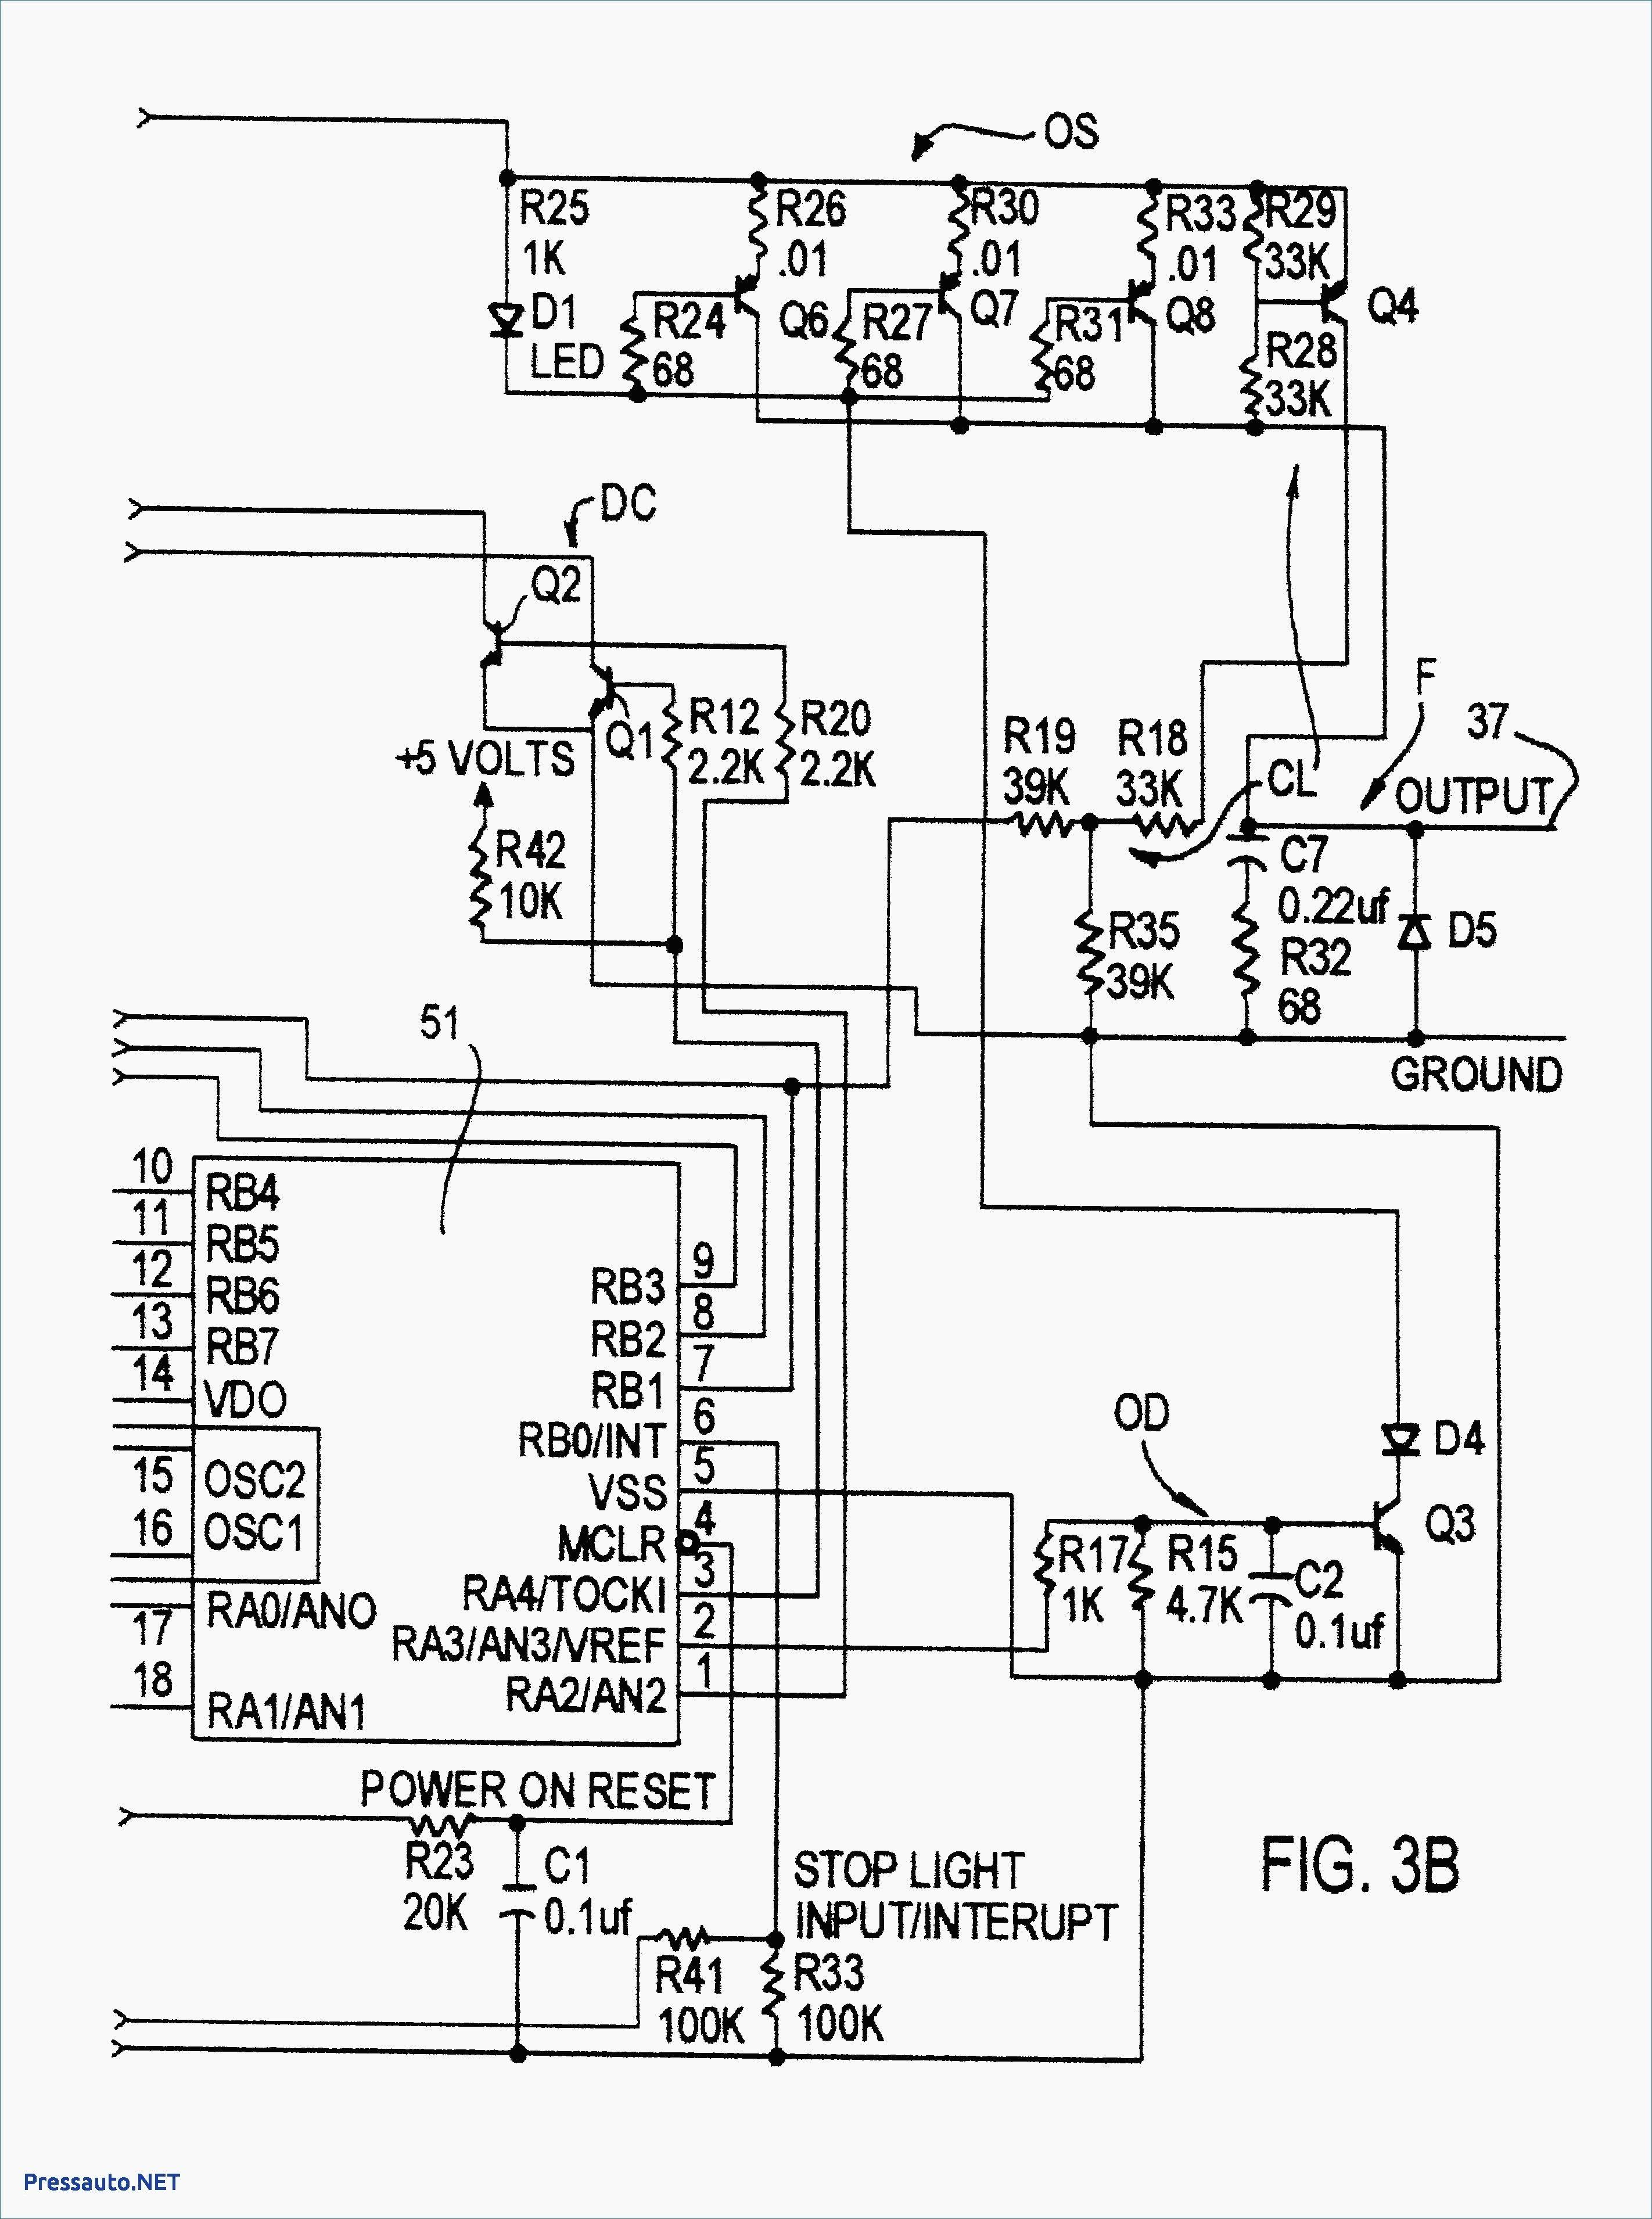 Brake Controller Wiring Diagram Chevy Elegant In 2020 Electrical Diagram Diagram Trailer Wiring Diagram